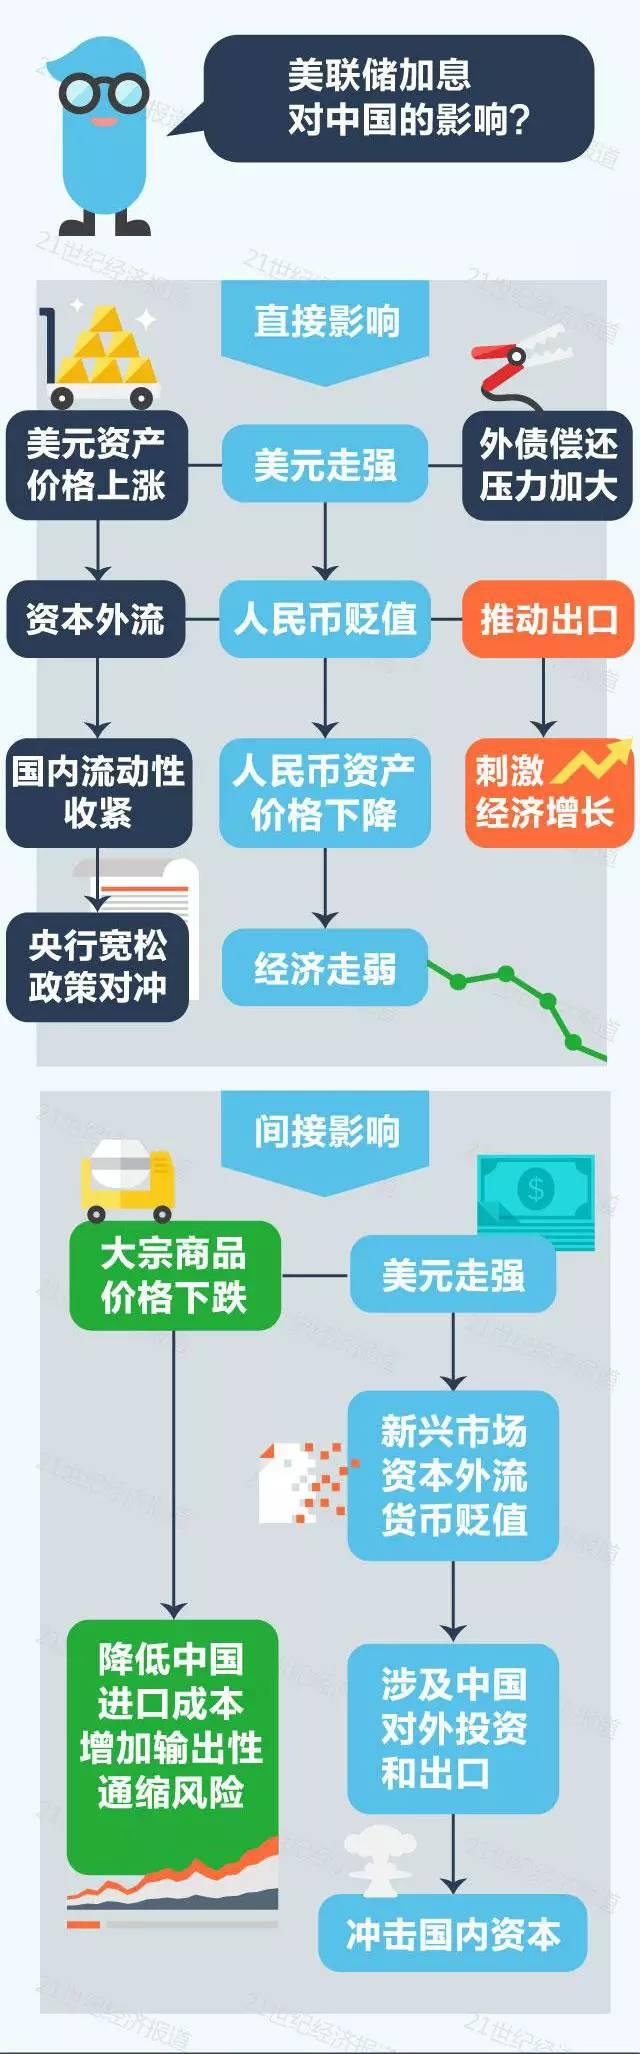 美联储加息:美股美元跳水 黄金原油暴涨(附A股影响)